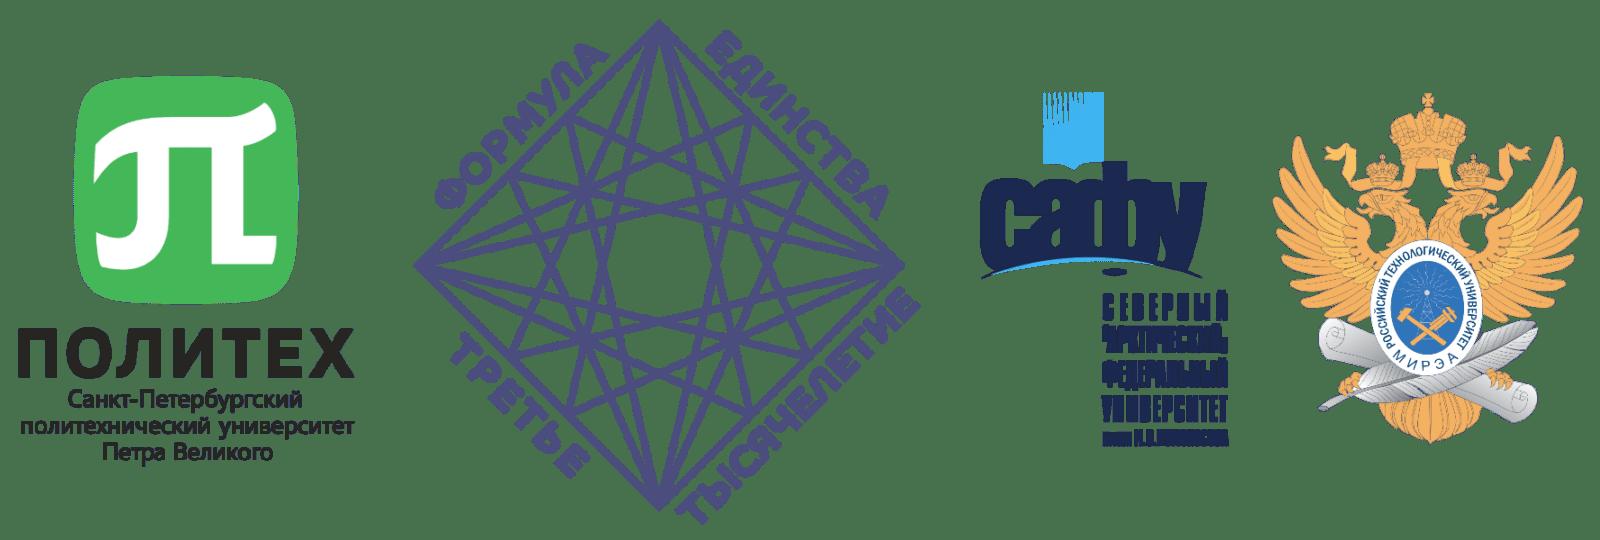 Олимпиада по математике 2019-20